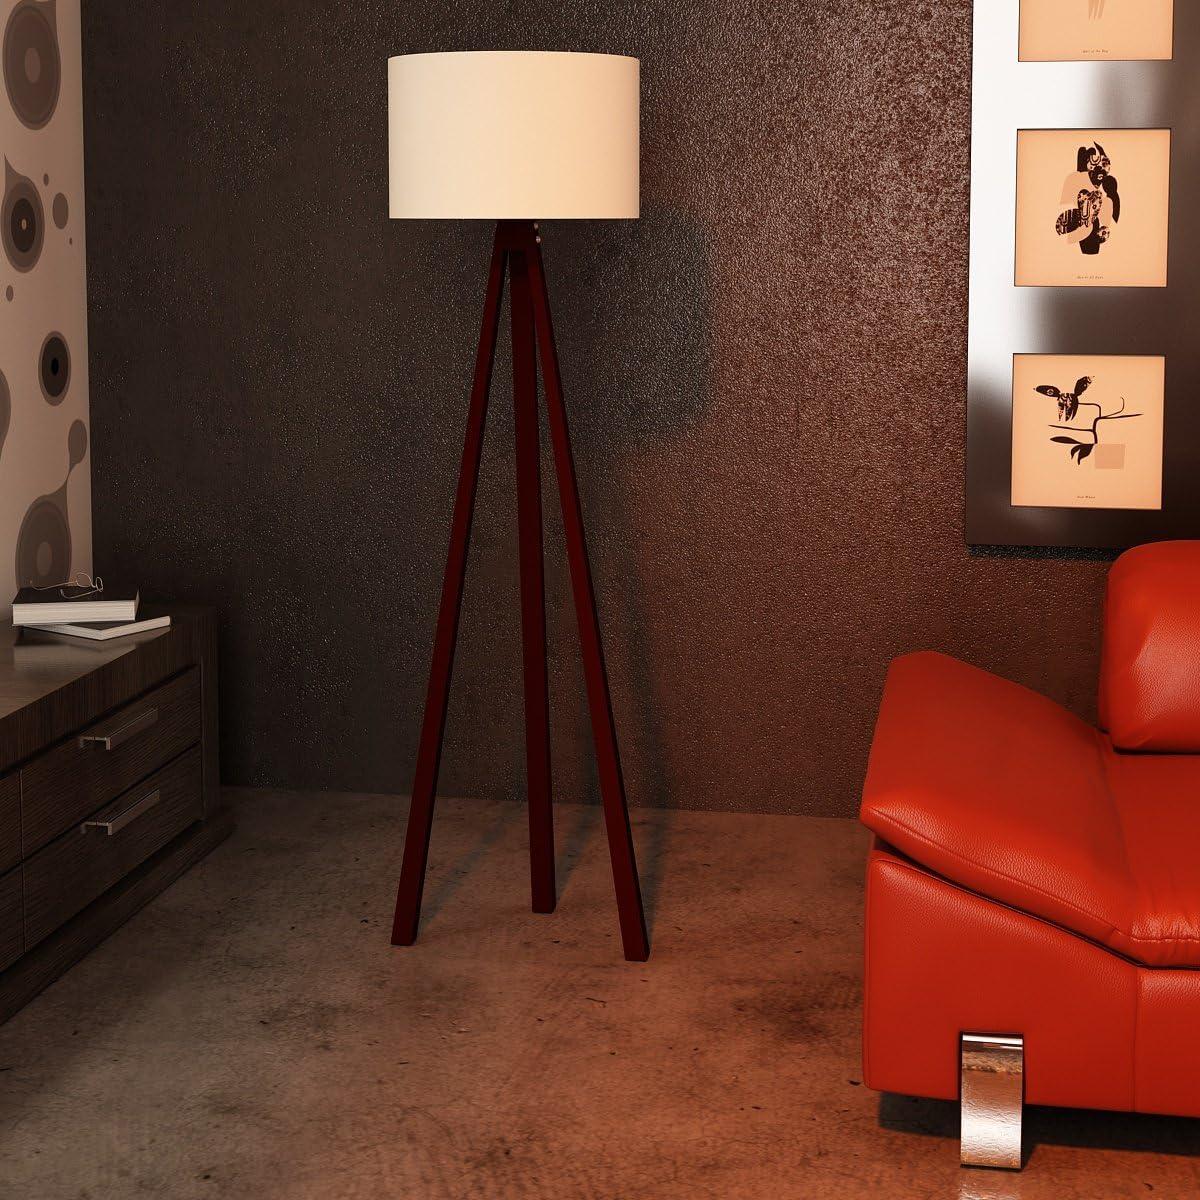 Alphamoebel Lámpara de pie, Beige - Natur, 120 x 45 x 45 cm